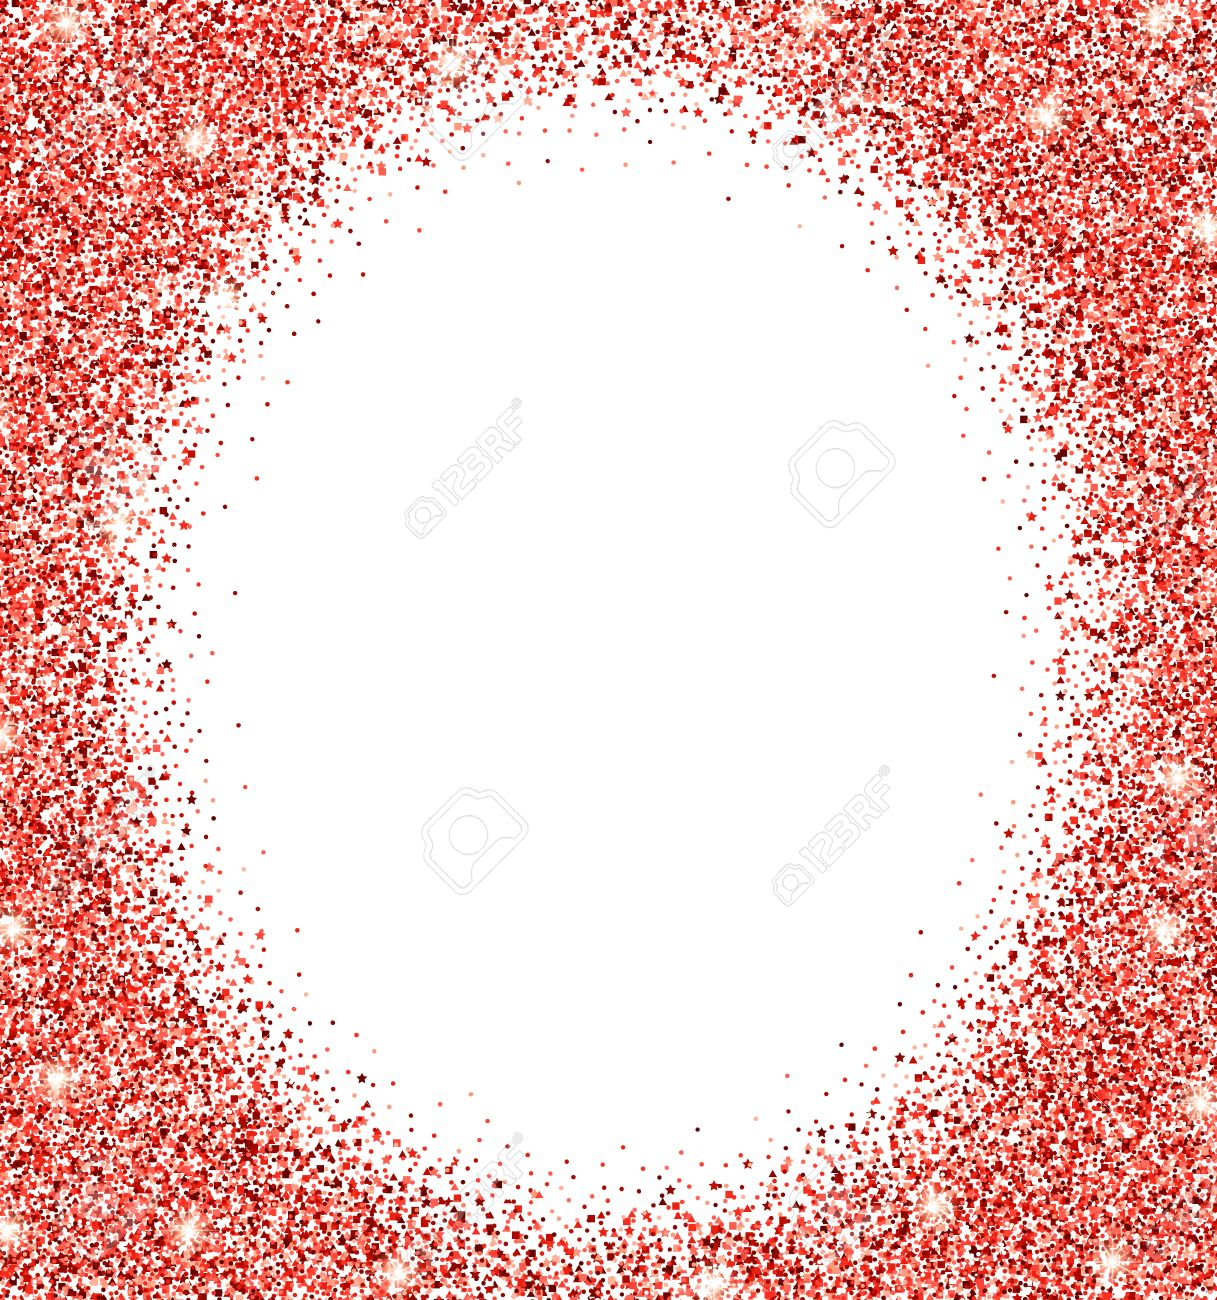 Groß Glitter Glasrahmen Ideen - Benutzerdefinierte Bilderrahmen ...